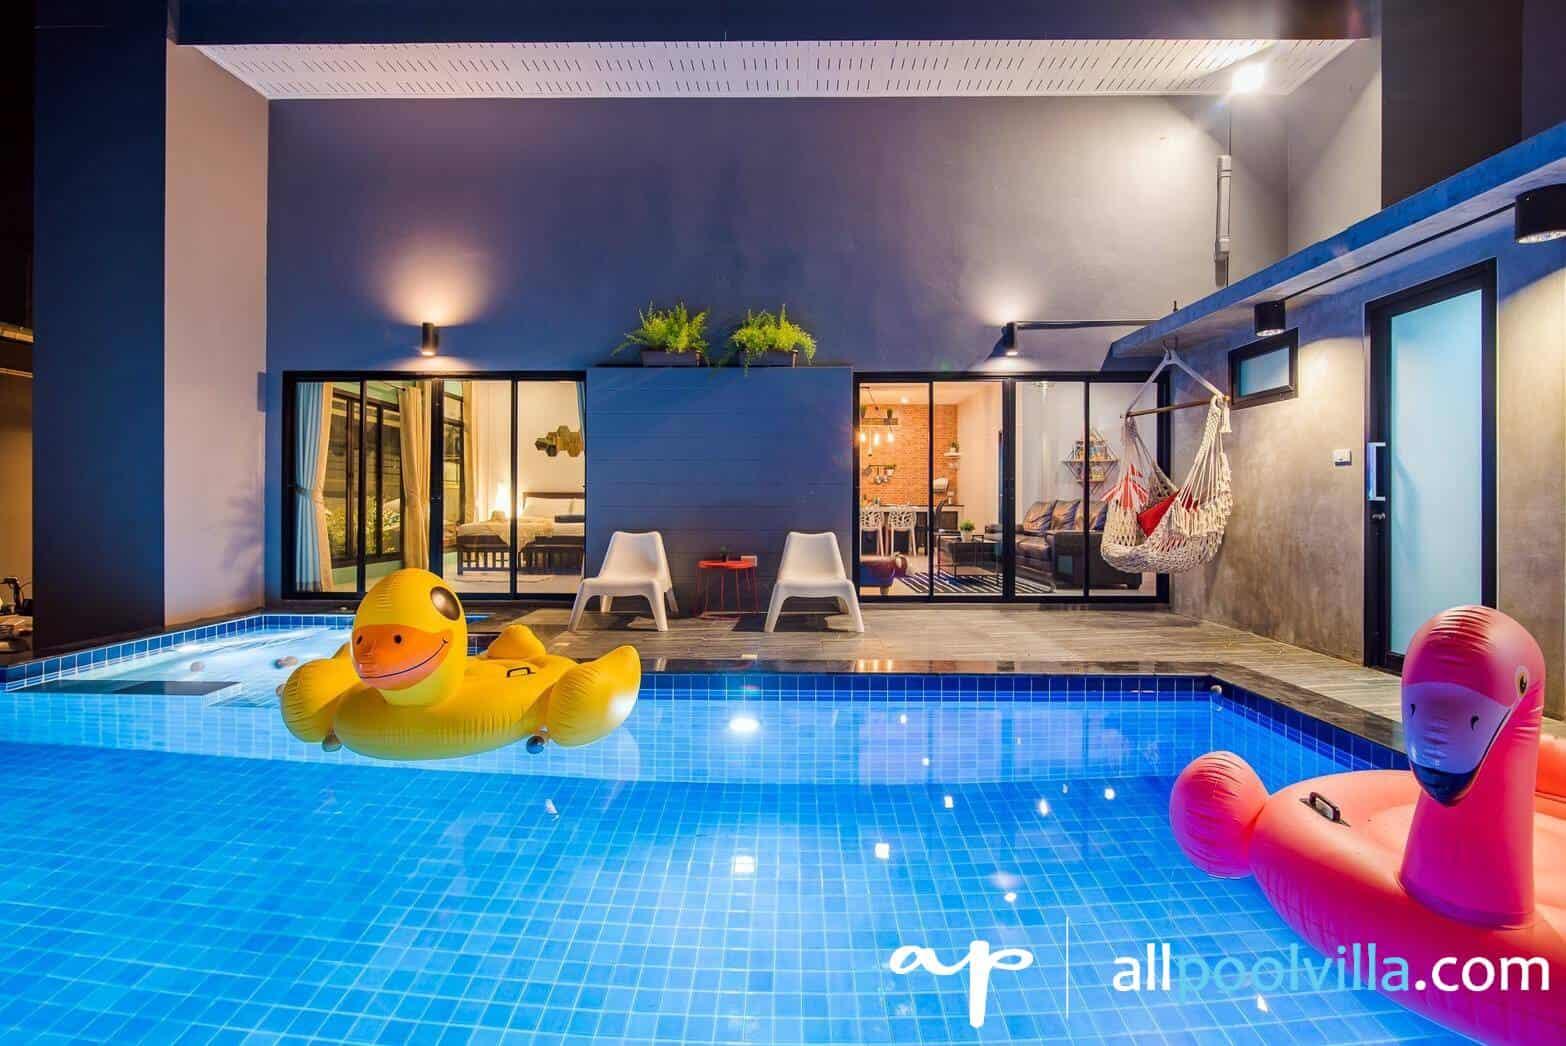 บรรยากาศบ้านพัก Rhythm Pool Villa หัวหิน-1